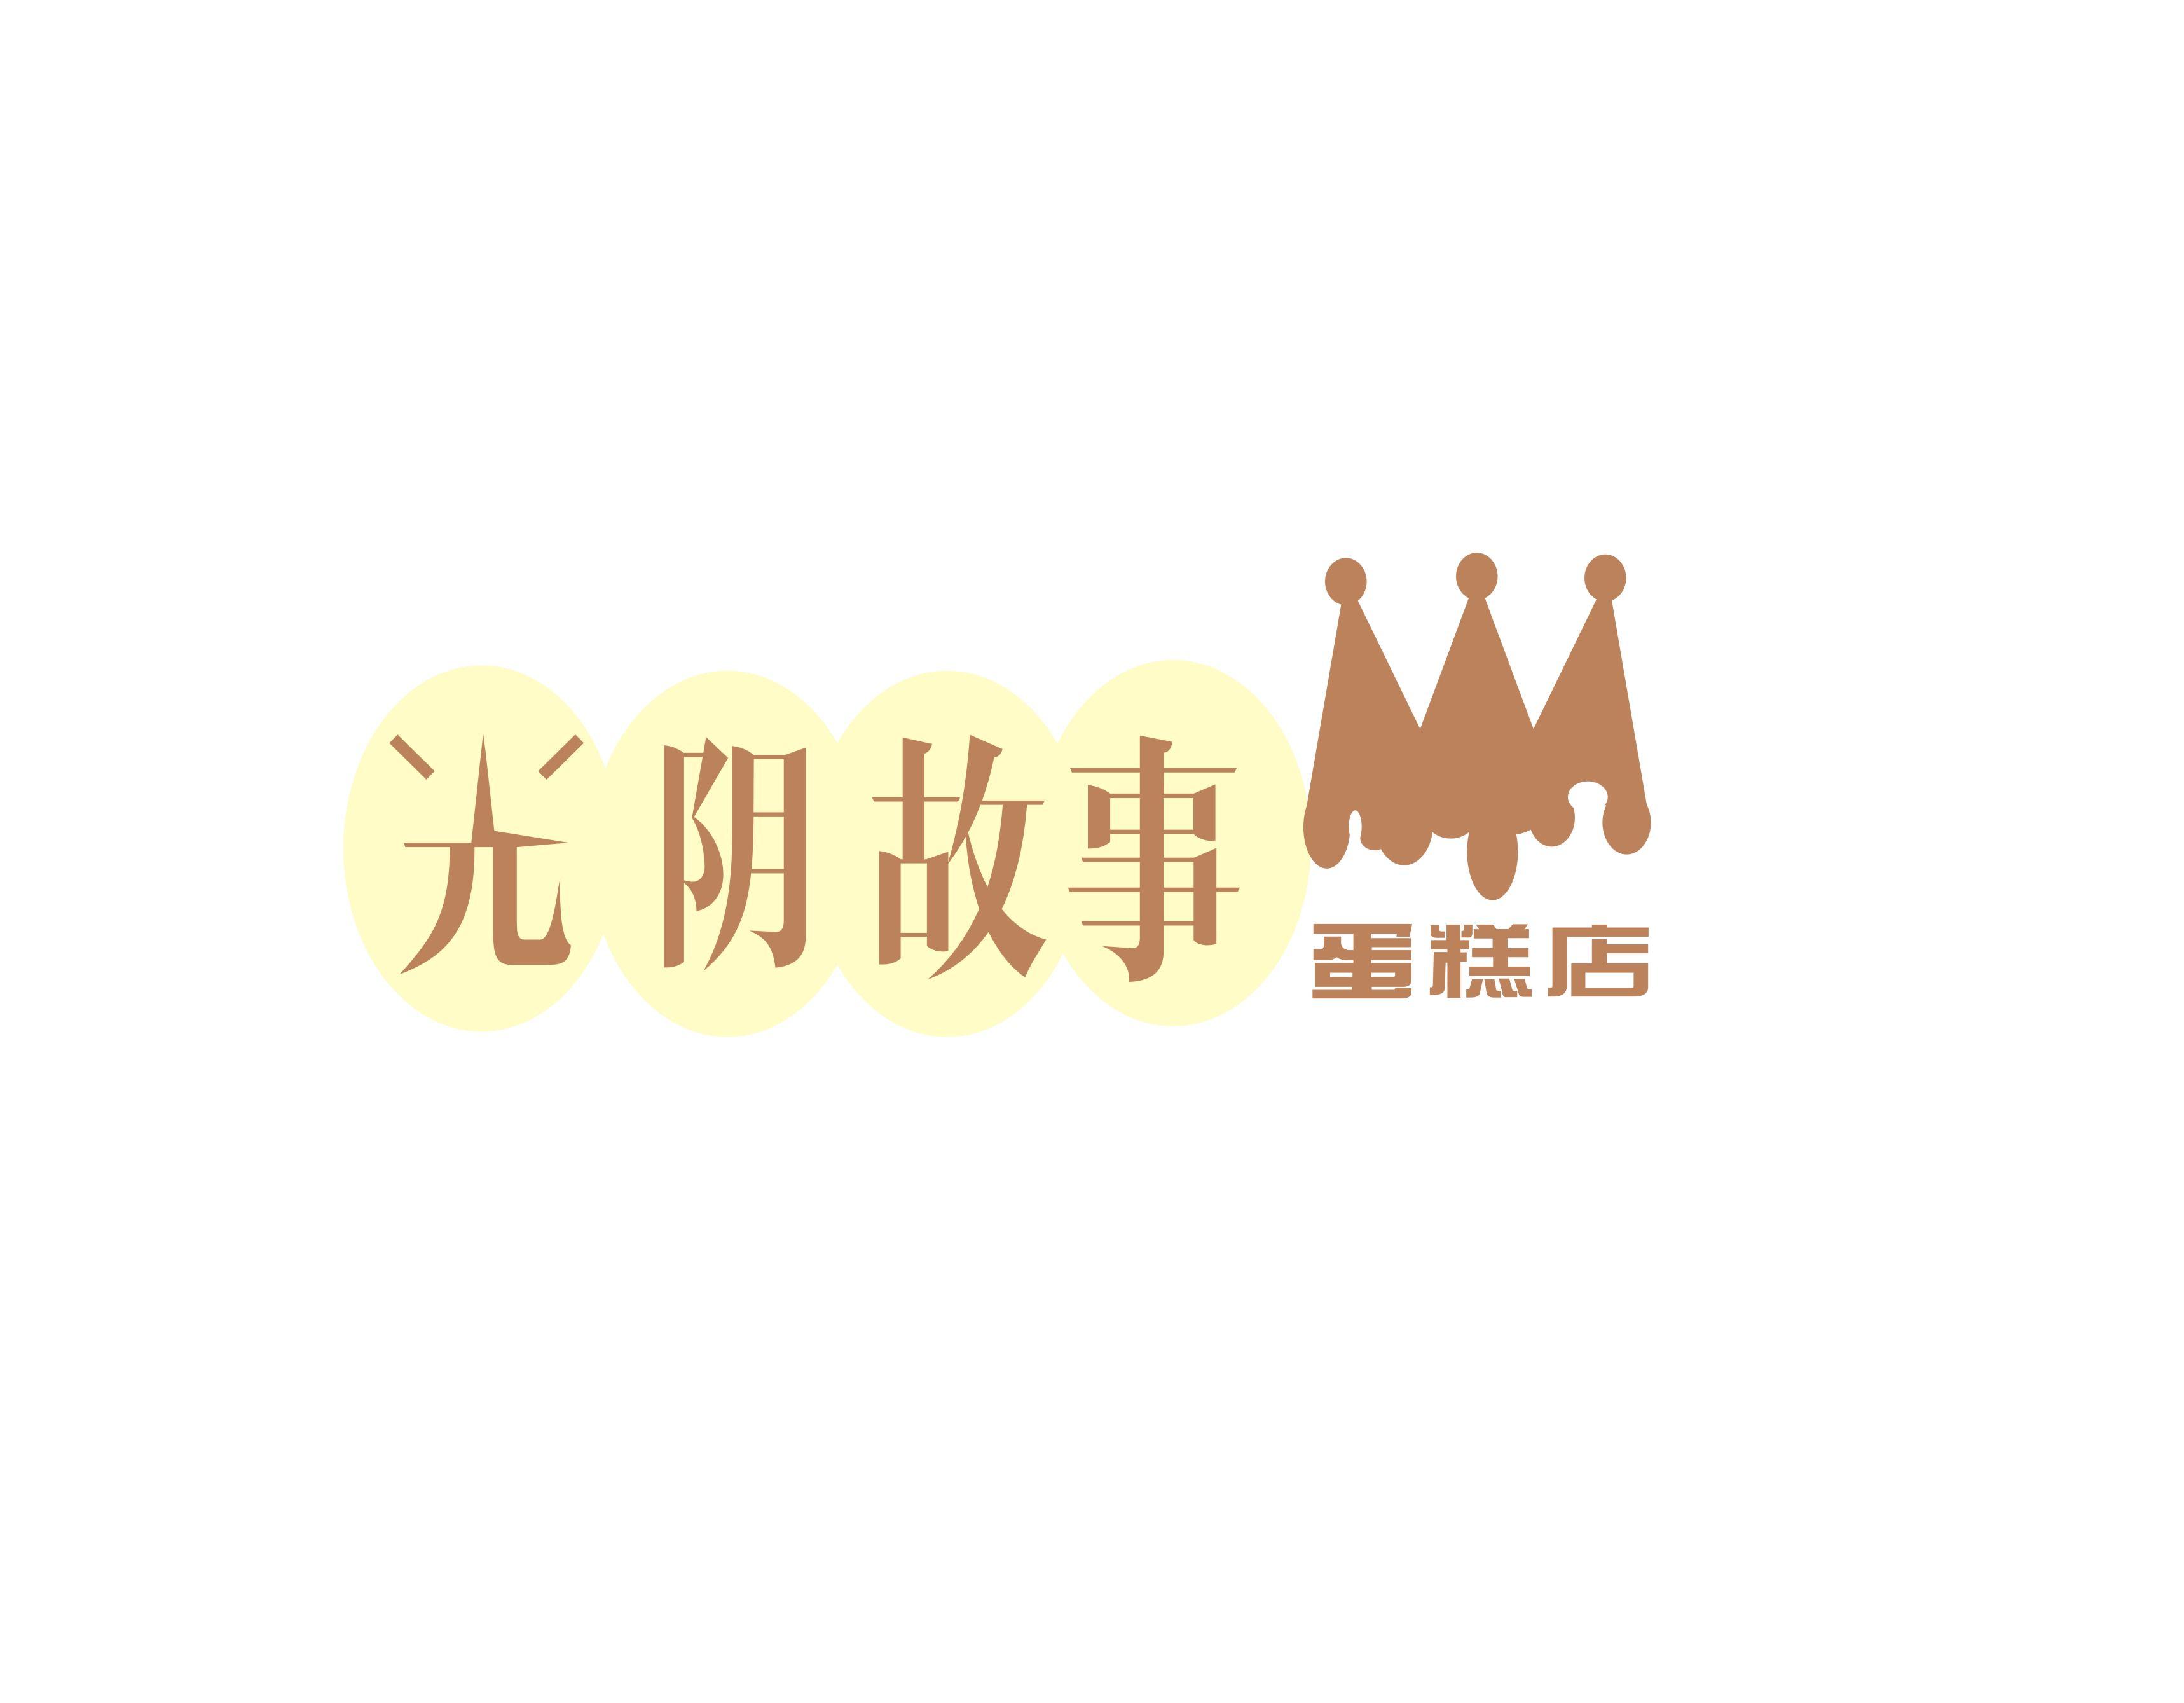 蛋糕店logo设计- 稿件[#2936352]